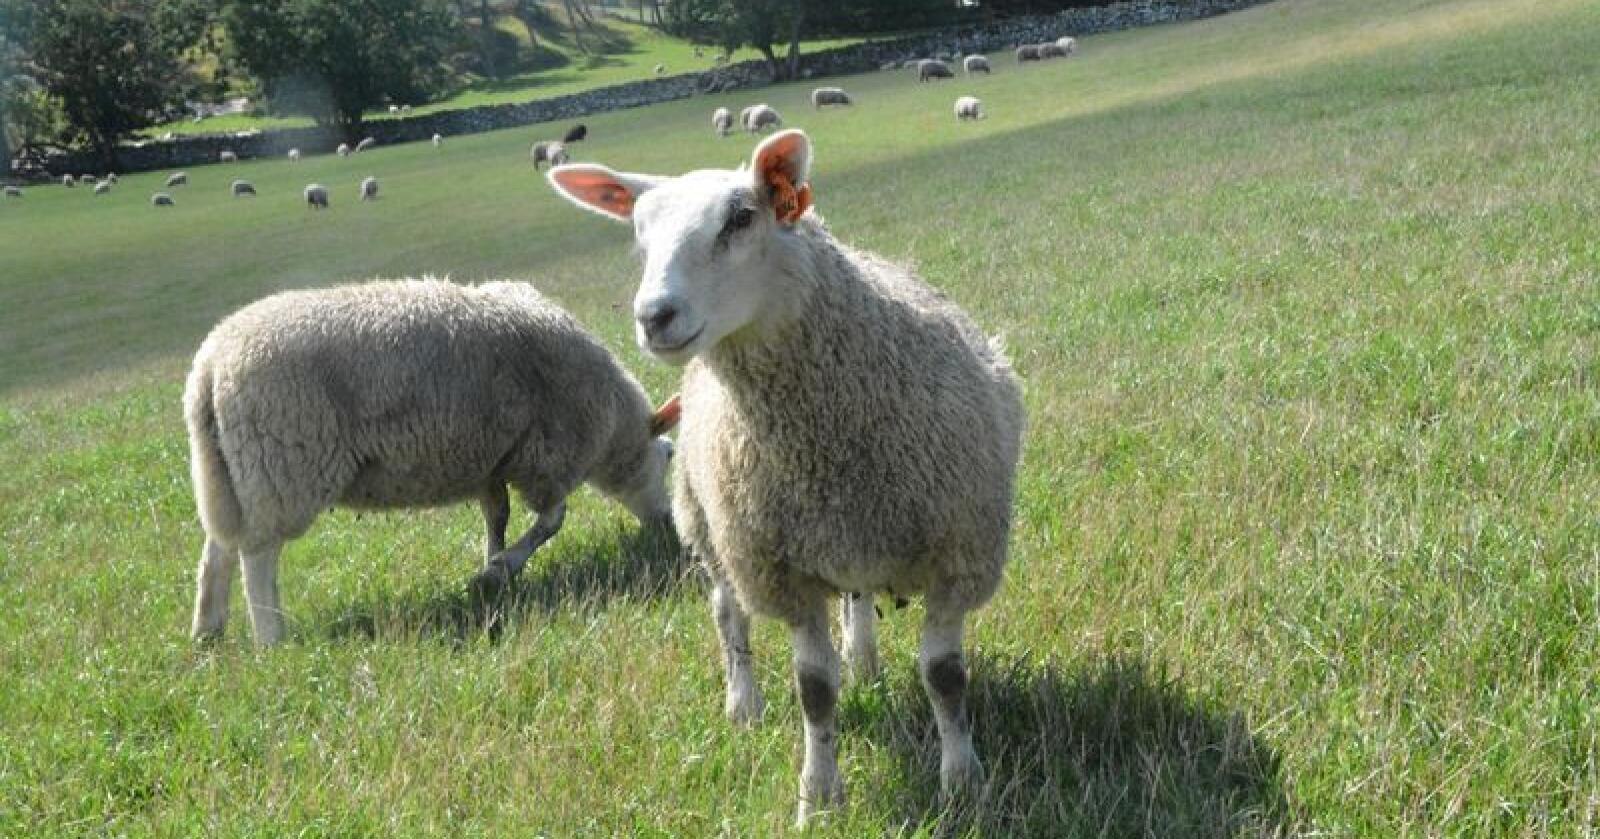 Fortsatt tungt i småfemarkedet: Til tross for vedvarende overskudd i sau/lam-markedet, har Norge importert 390 tonn lammekjøtt. Dersom Nortura ikke foretar seg grep i markedet, eller forbruket ikke endres, vil ikke dette markedet være i balanse – eller «noenlunde» balanse – før i 2025, skriver Nortura selv.Foto: Anders Sandbu